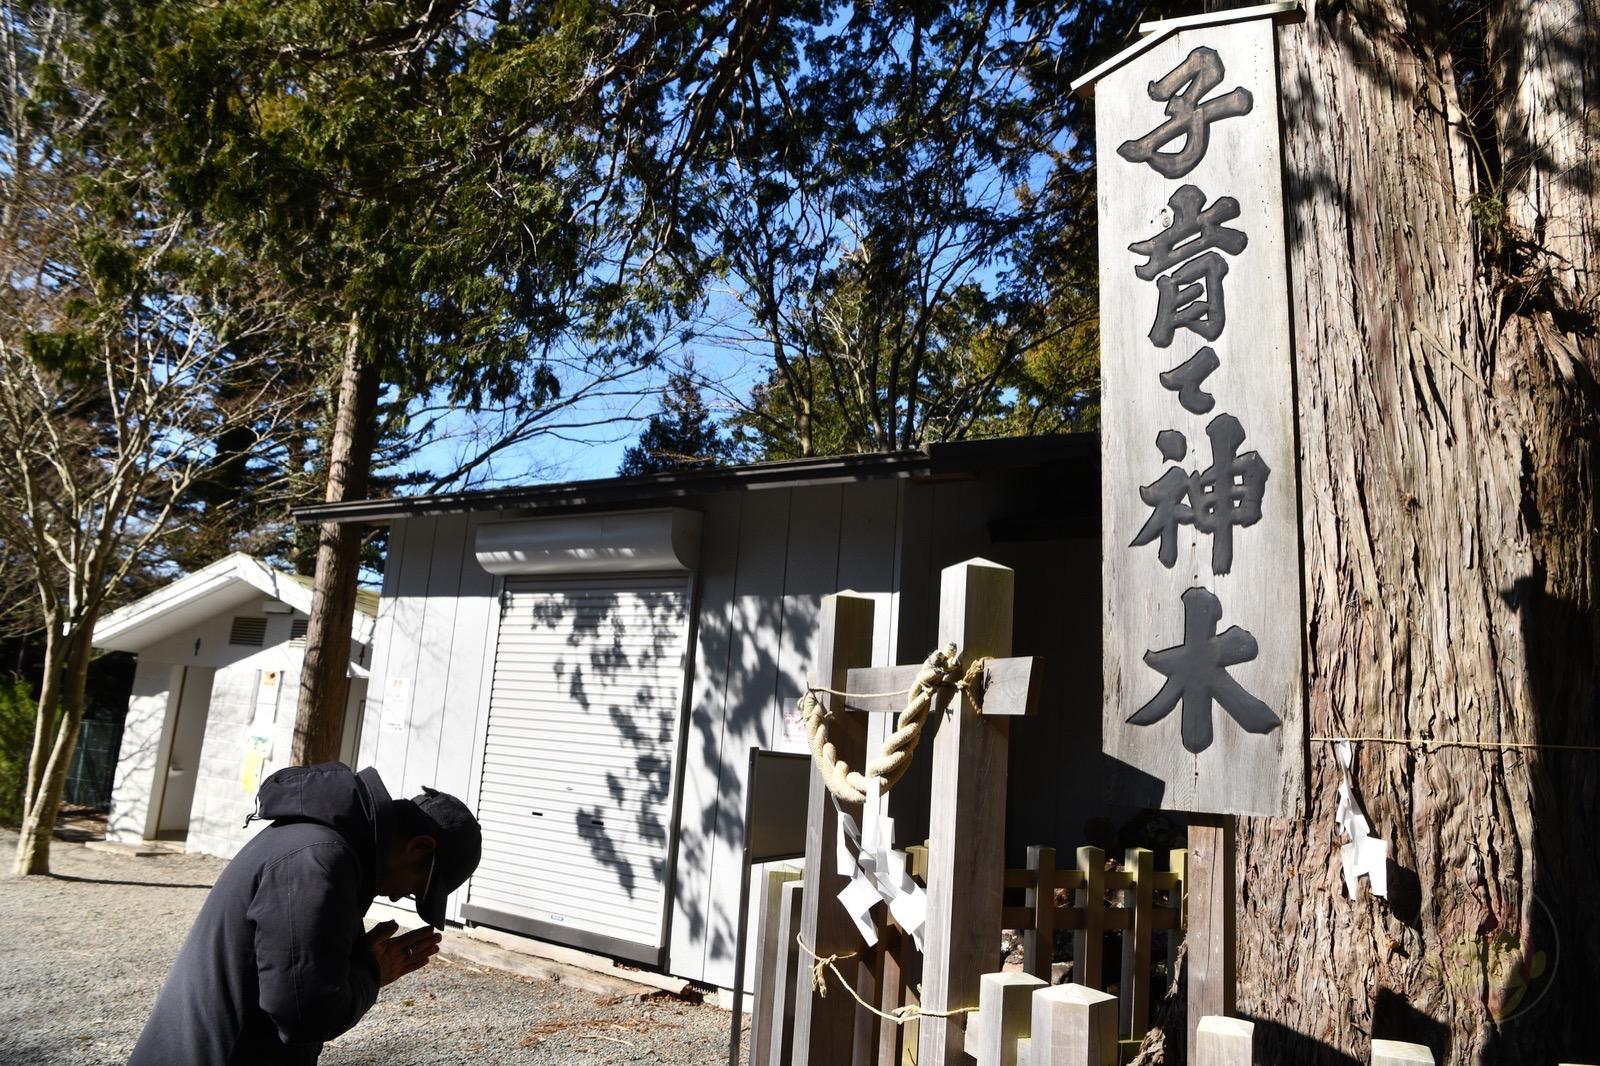 Yamanashi Arakurayamasangen Park Chureito JTC21 52